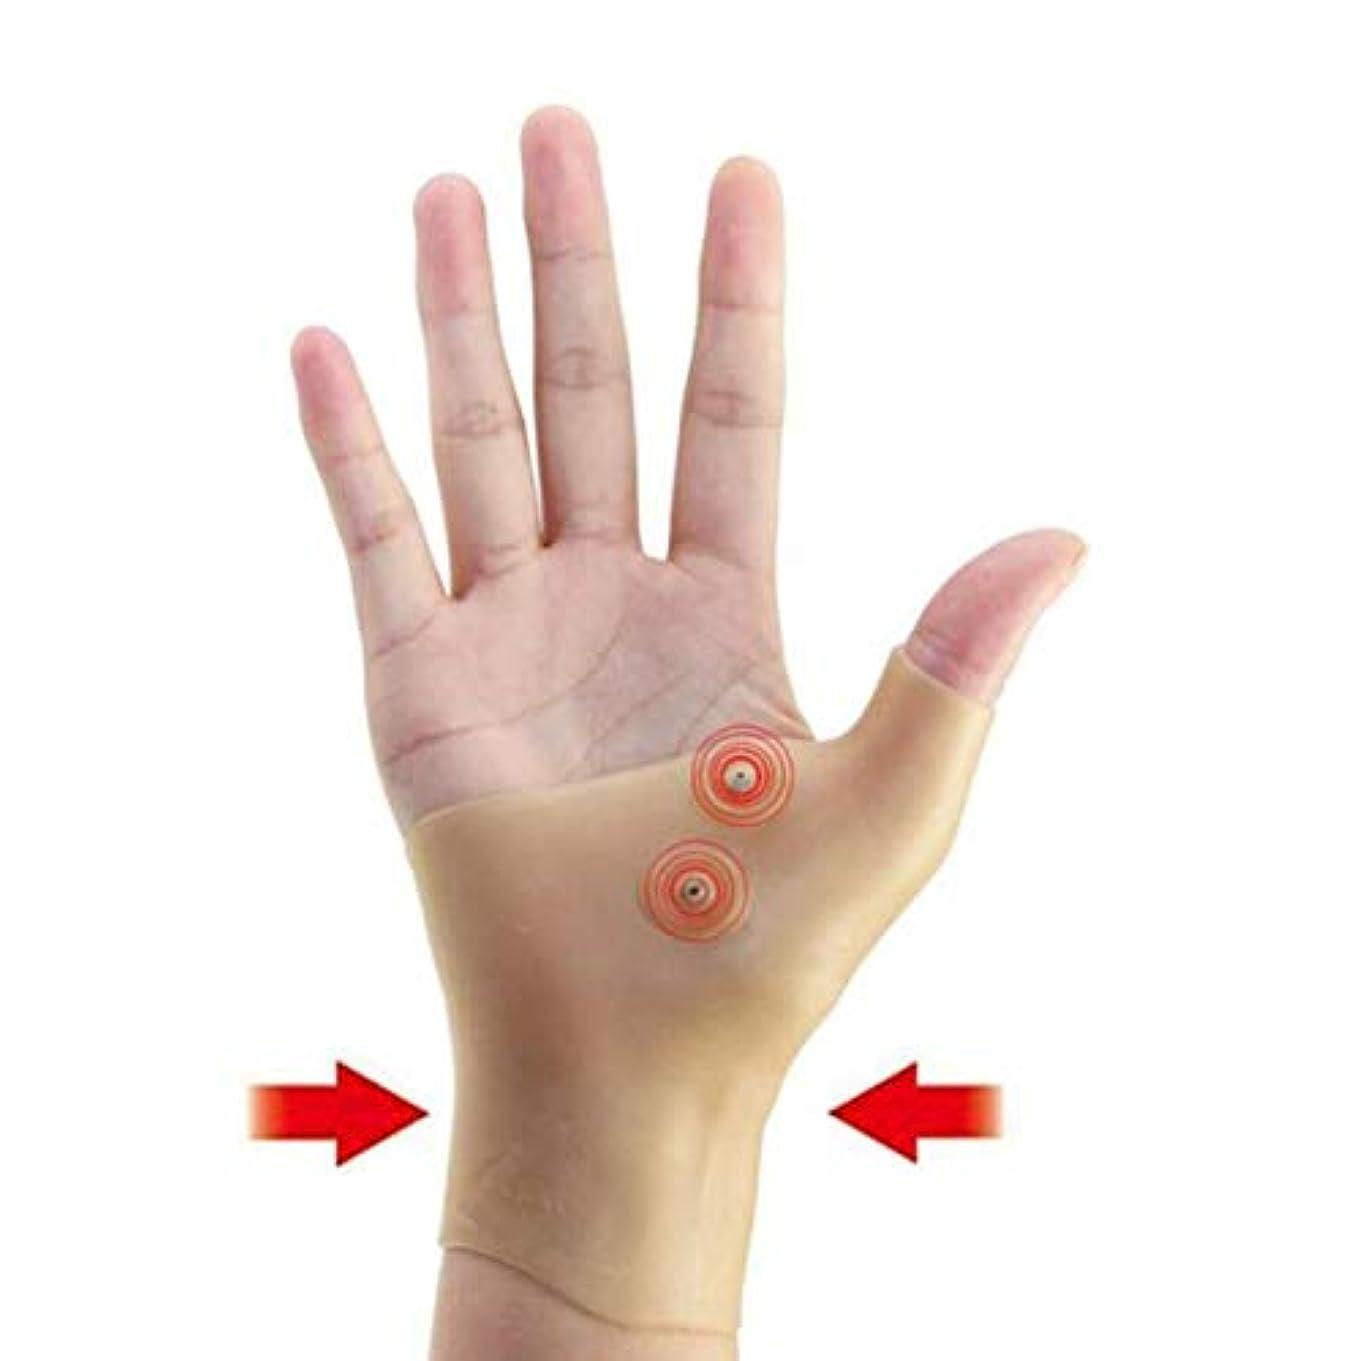 プーノ木知人磁気療法手首手親指サポート手袋シリコーンゲル関節炎圧力矯正器マッサージ痛み緩和手袋 - 肌の色